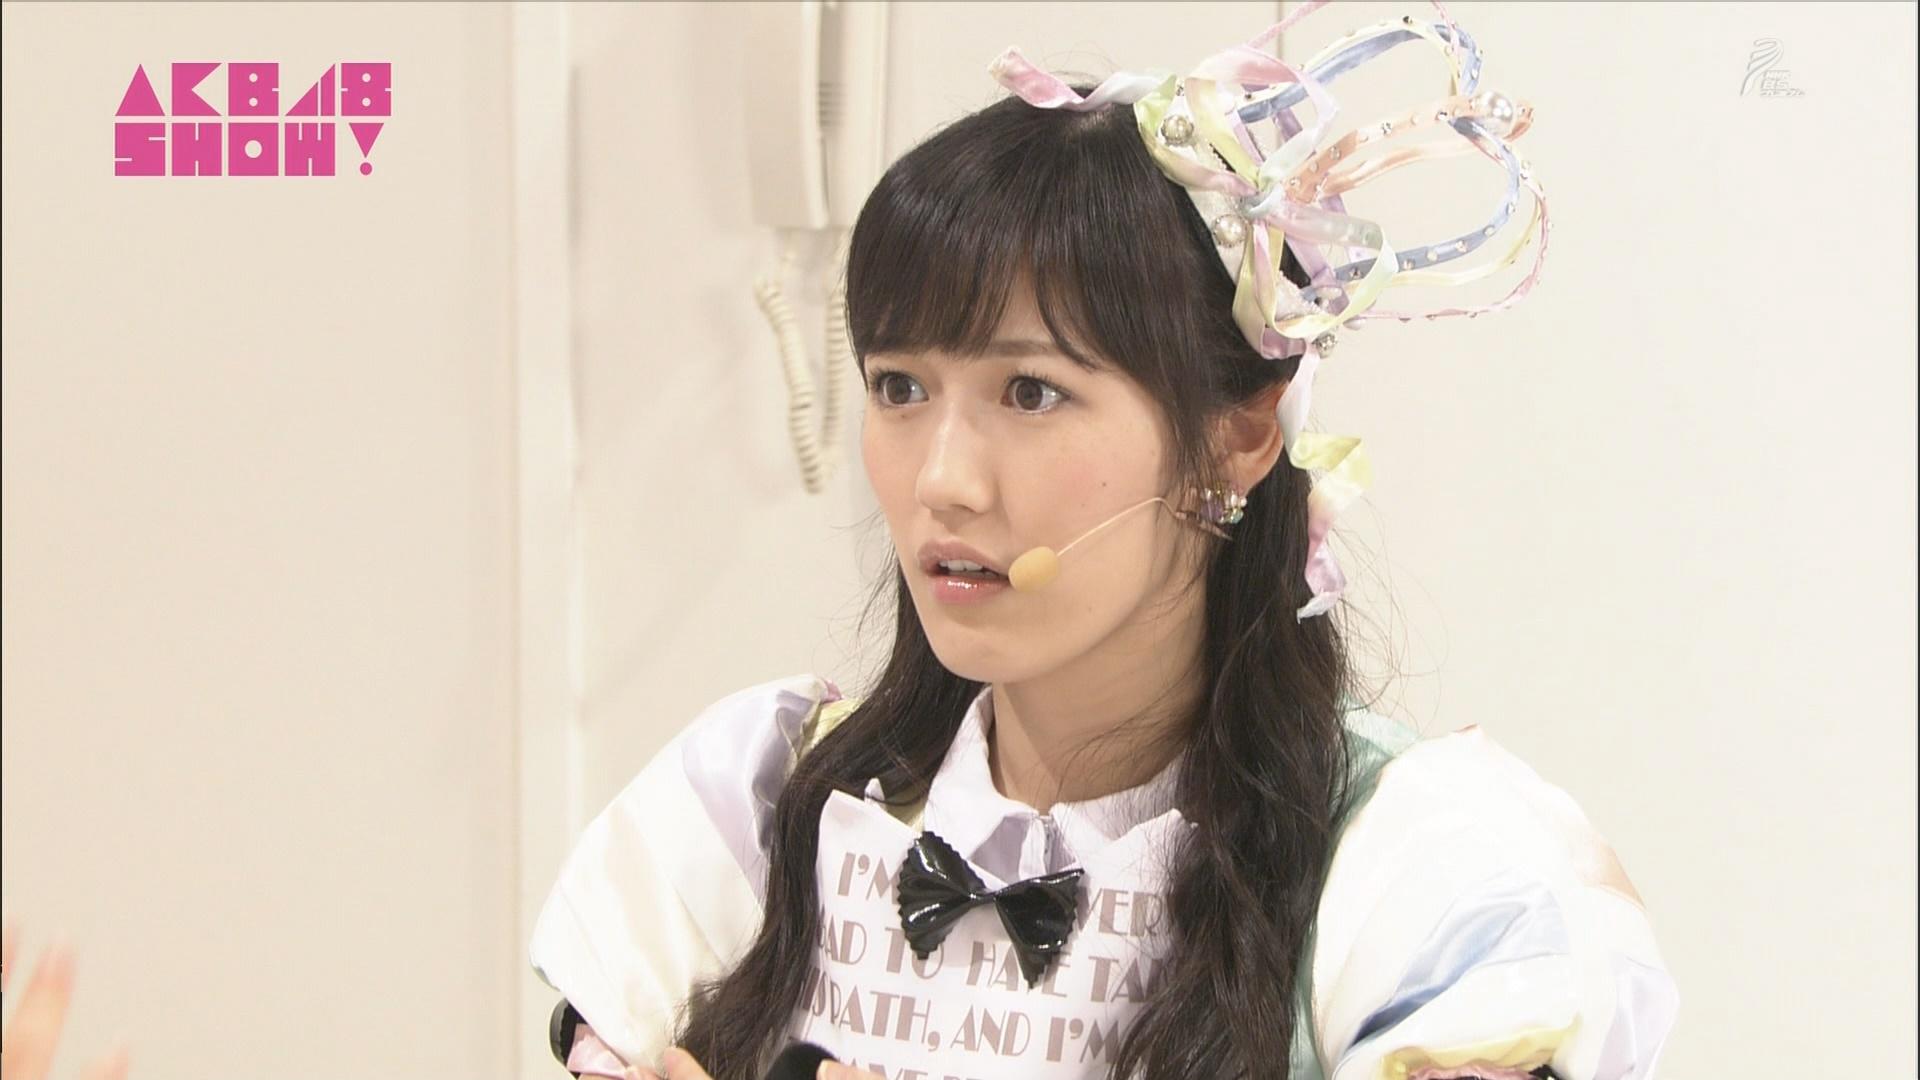 AKB48SHOW 心のプラカード 渡辺麻友 20140830 (4)